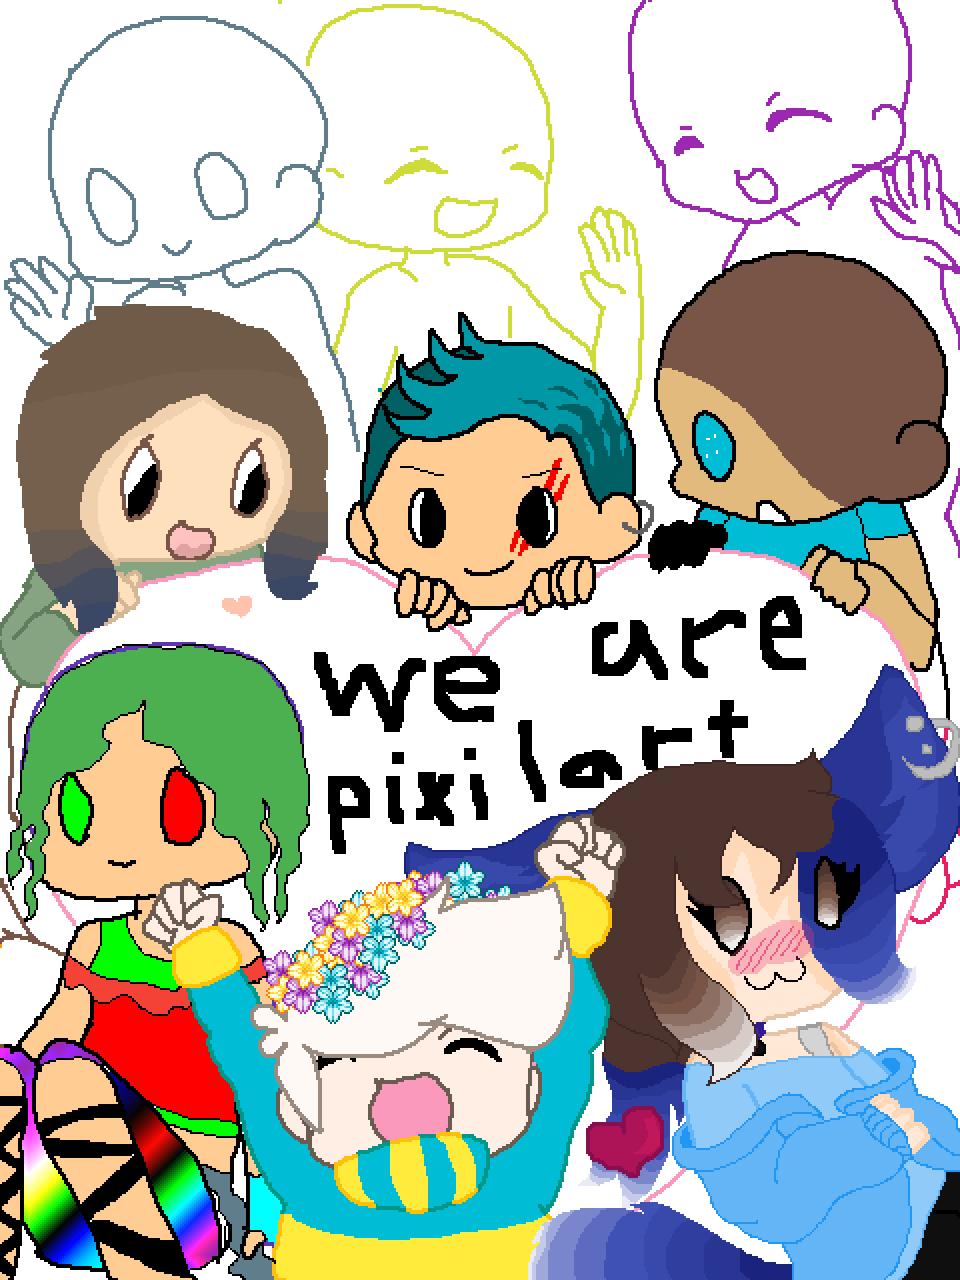 main-image-WE LOVE PIXLART  by cheychey